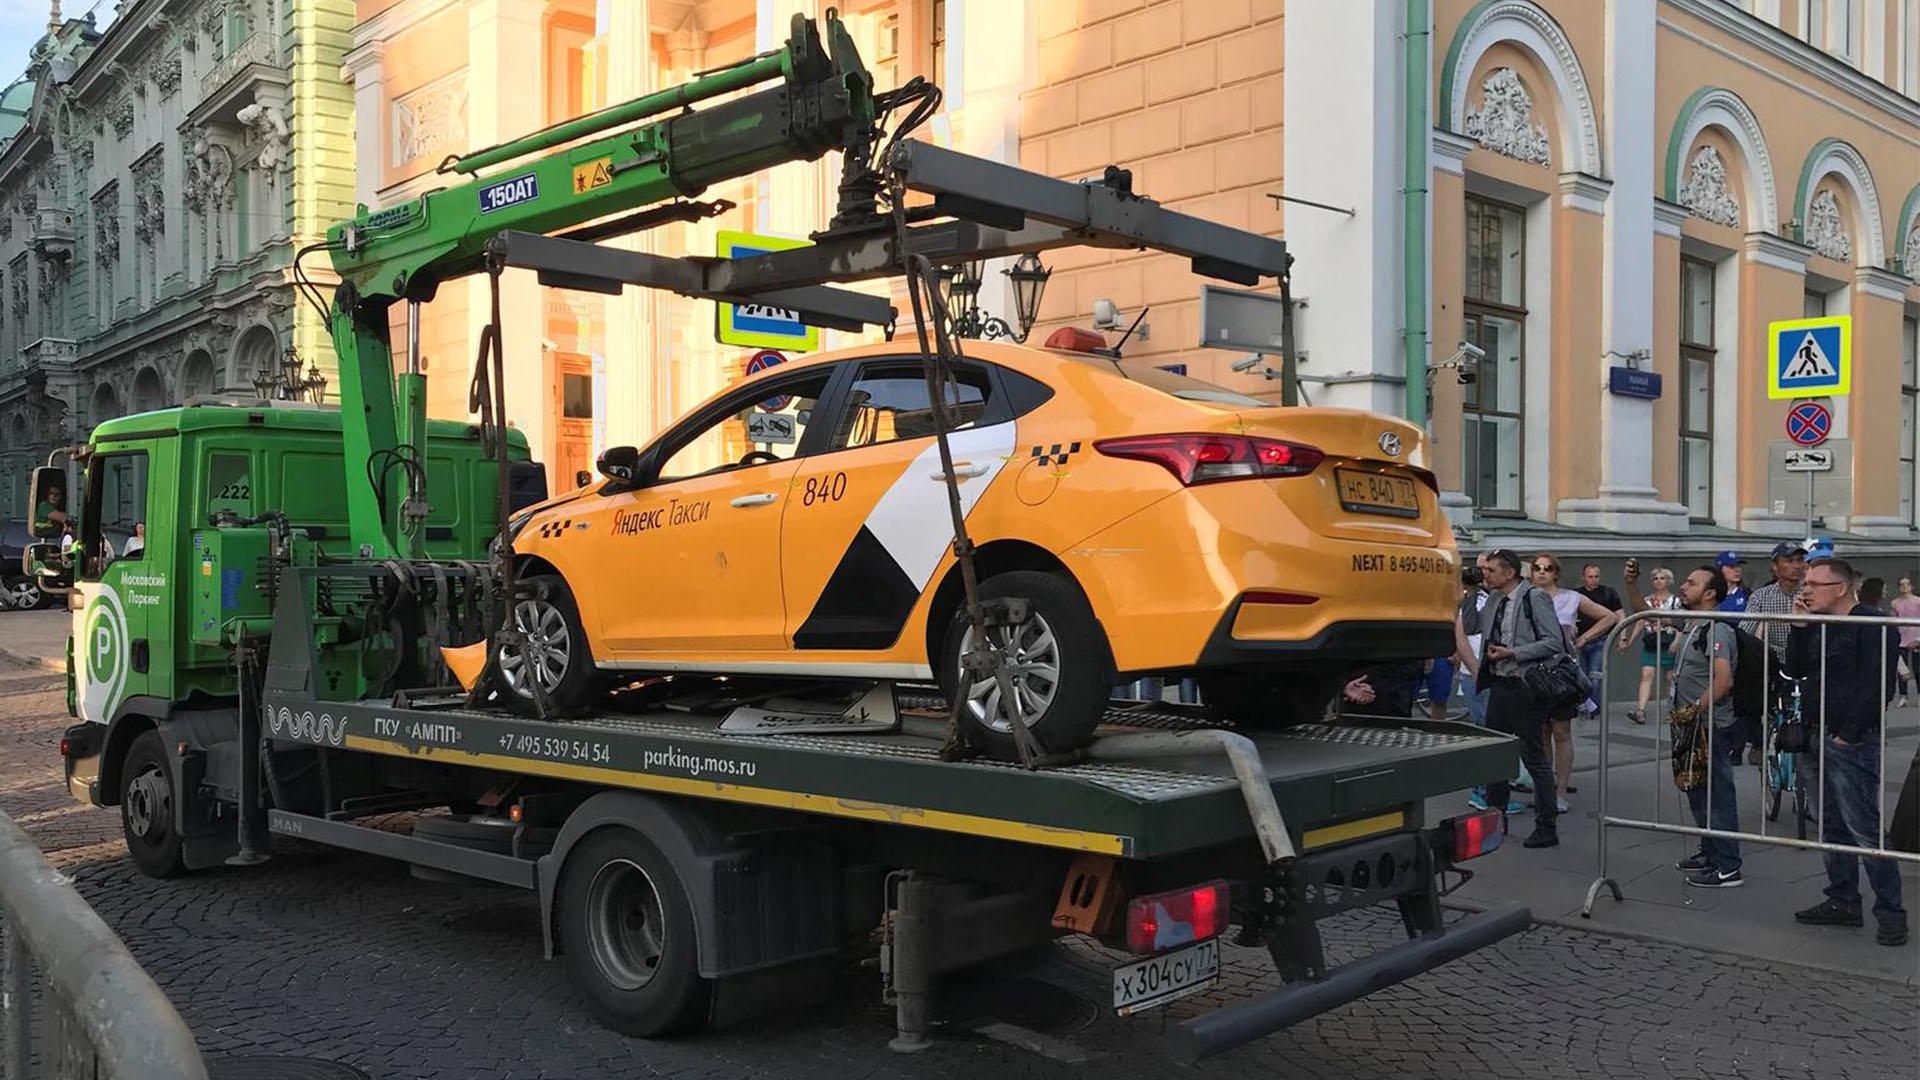 93 машины такси отправили на штрафстоянку в Подмосковье